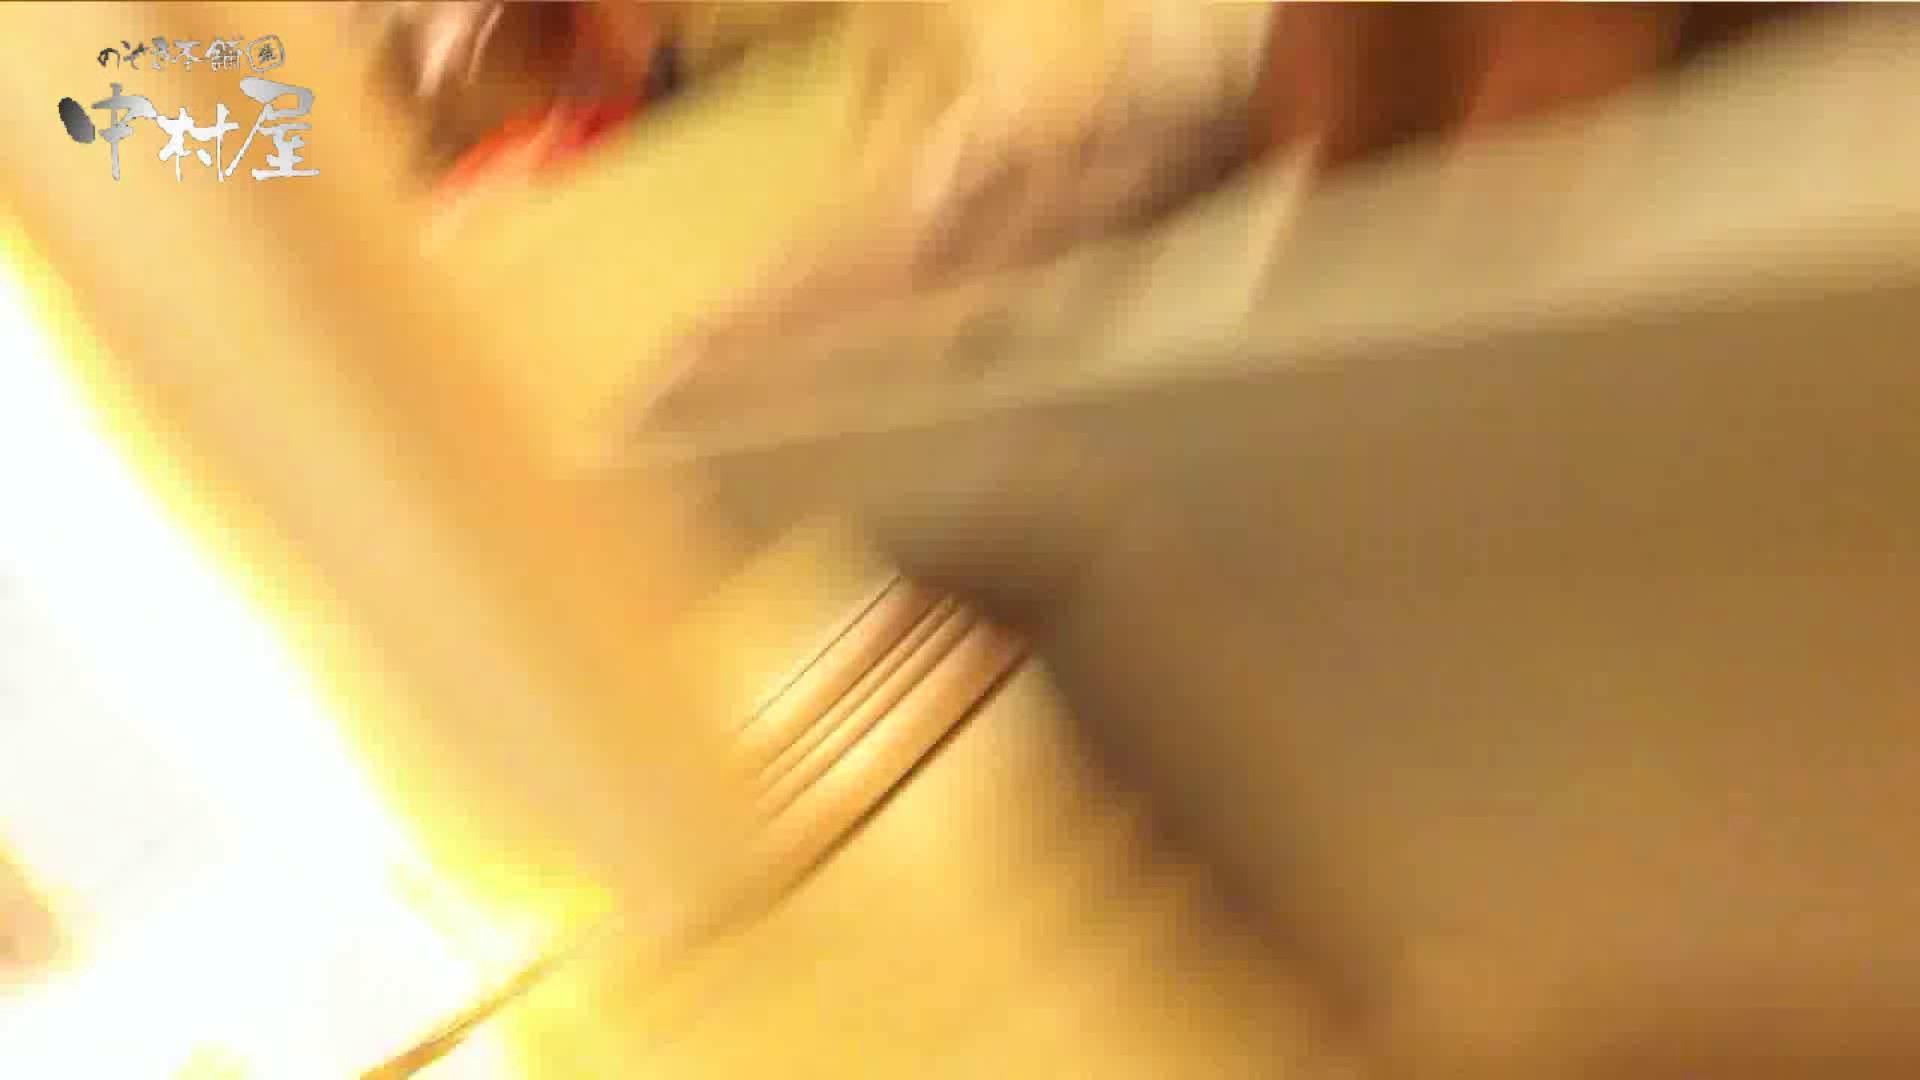 vol.45 可愛いカリスマ店員限定‼胸チラ&パンチラ 食い込みミッキーマウス! 接写 | HなOL  52pic 48